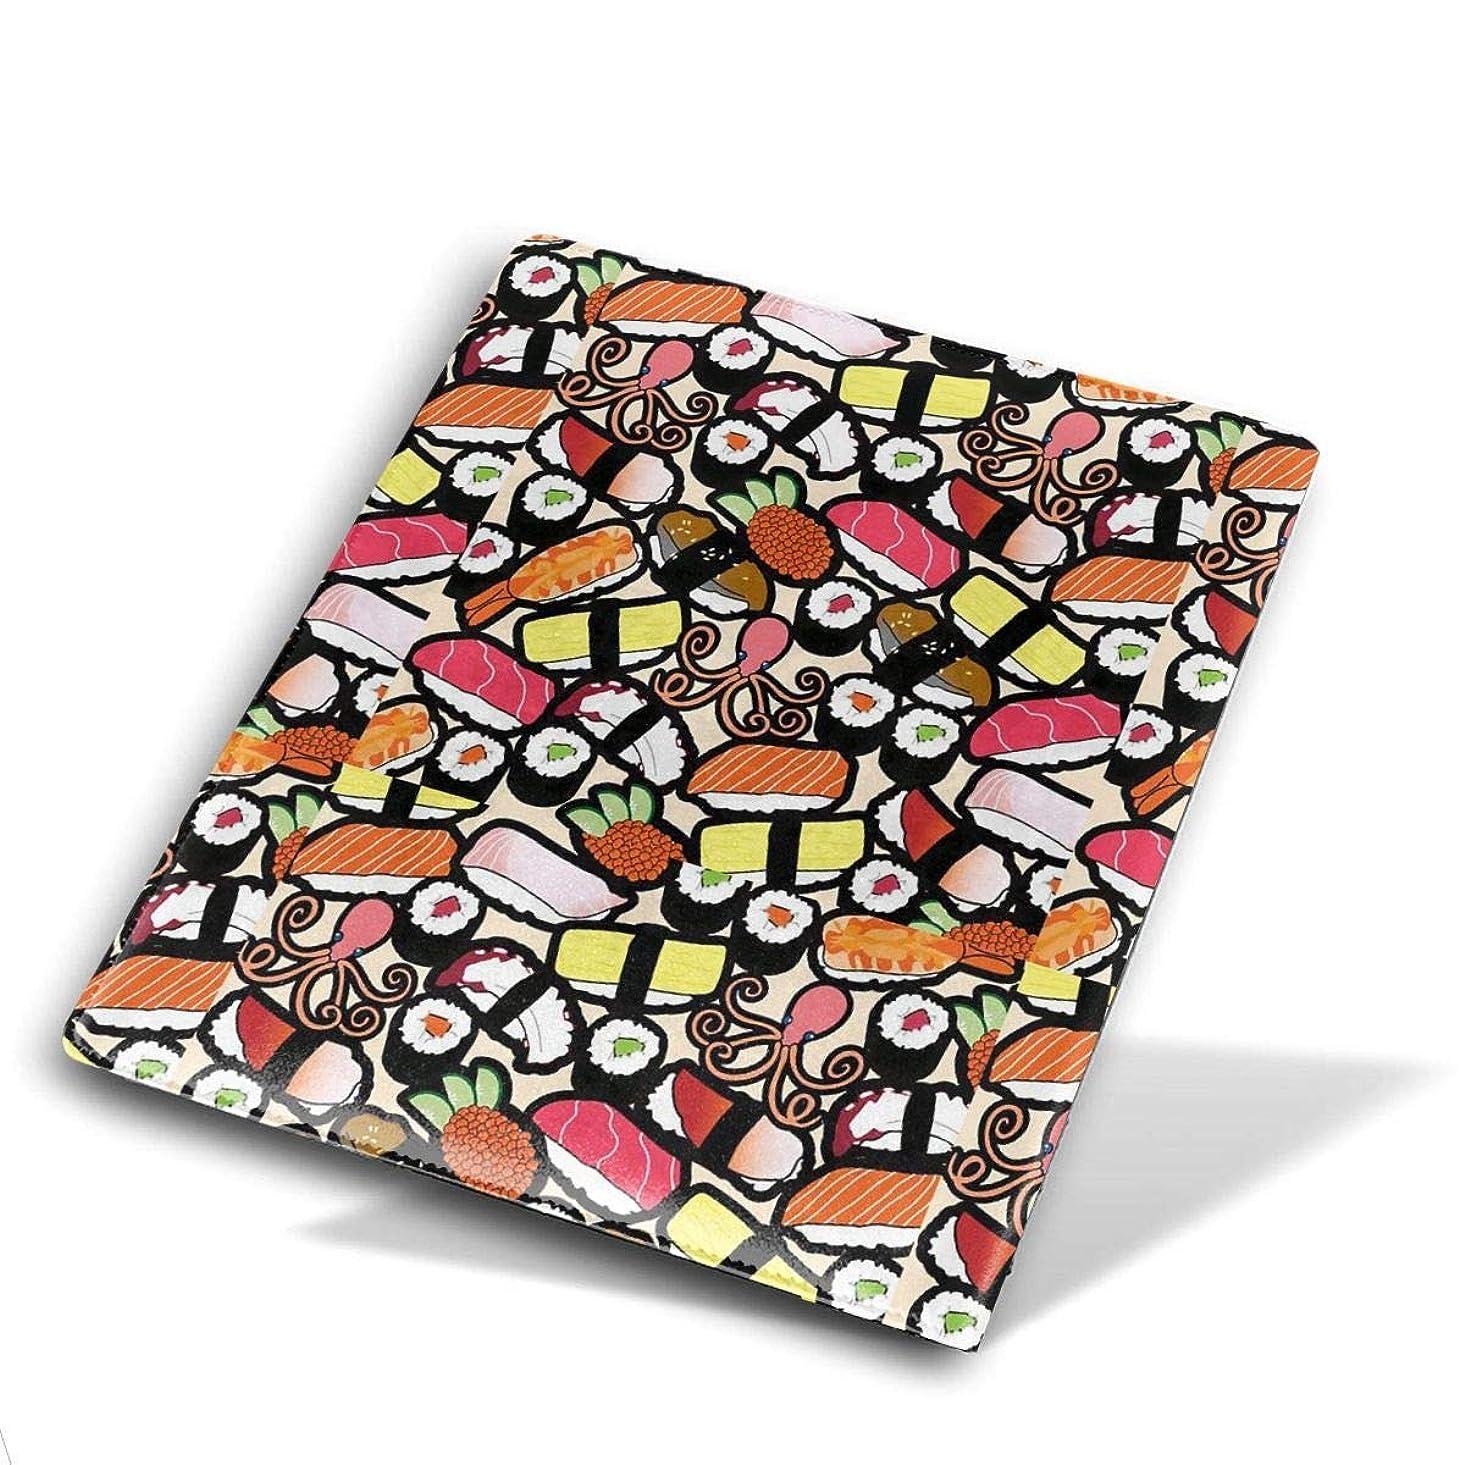 ご飯北把握Book Cover ブックカバー 防水 PUレザー(ノートブック用)プリント ヴィンテージ Size 28*51 Cm 日本の寿司